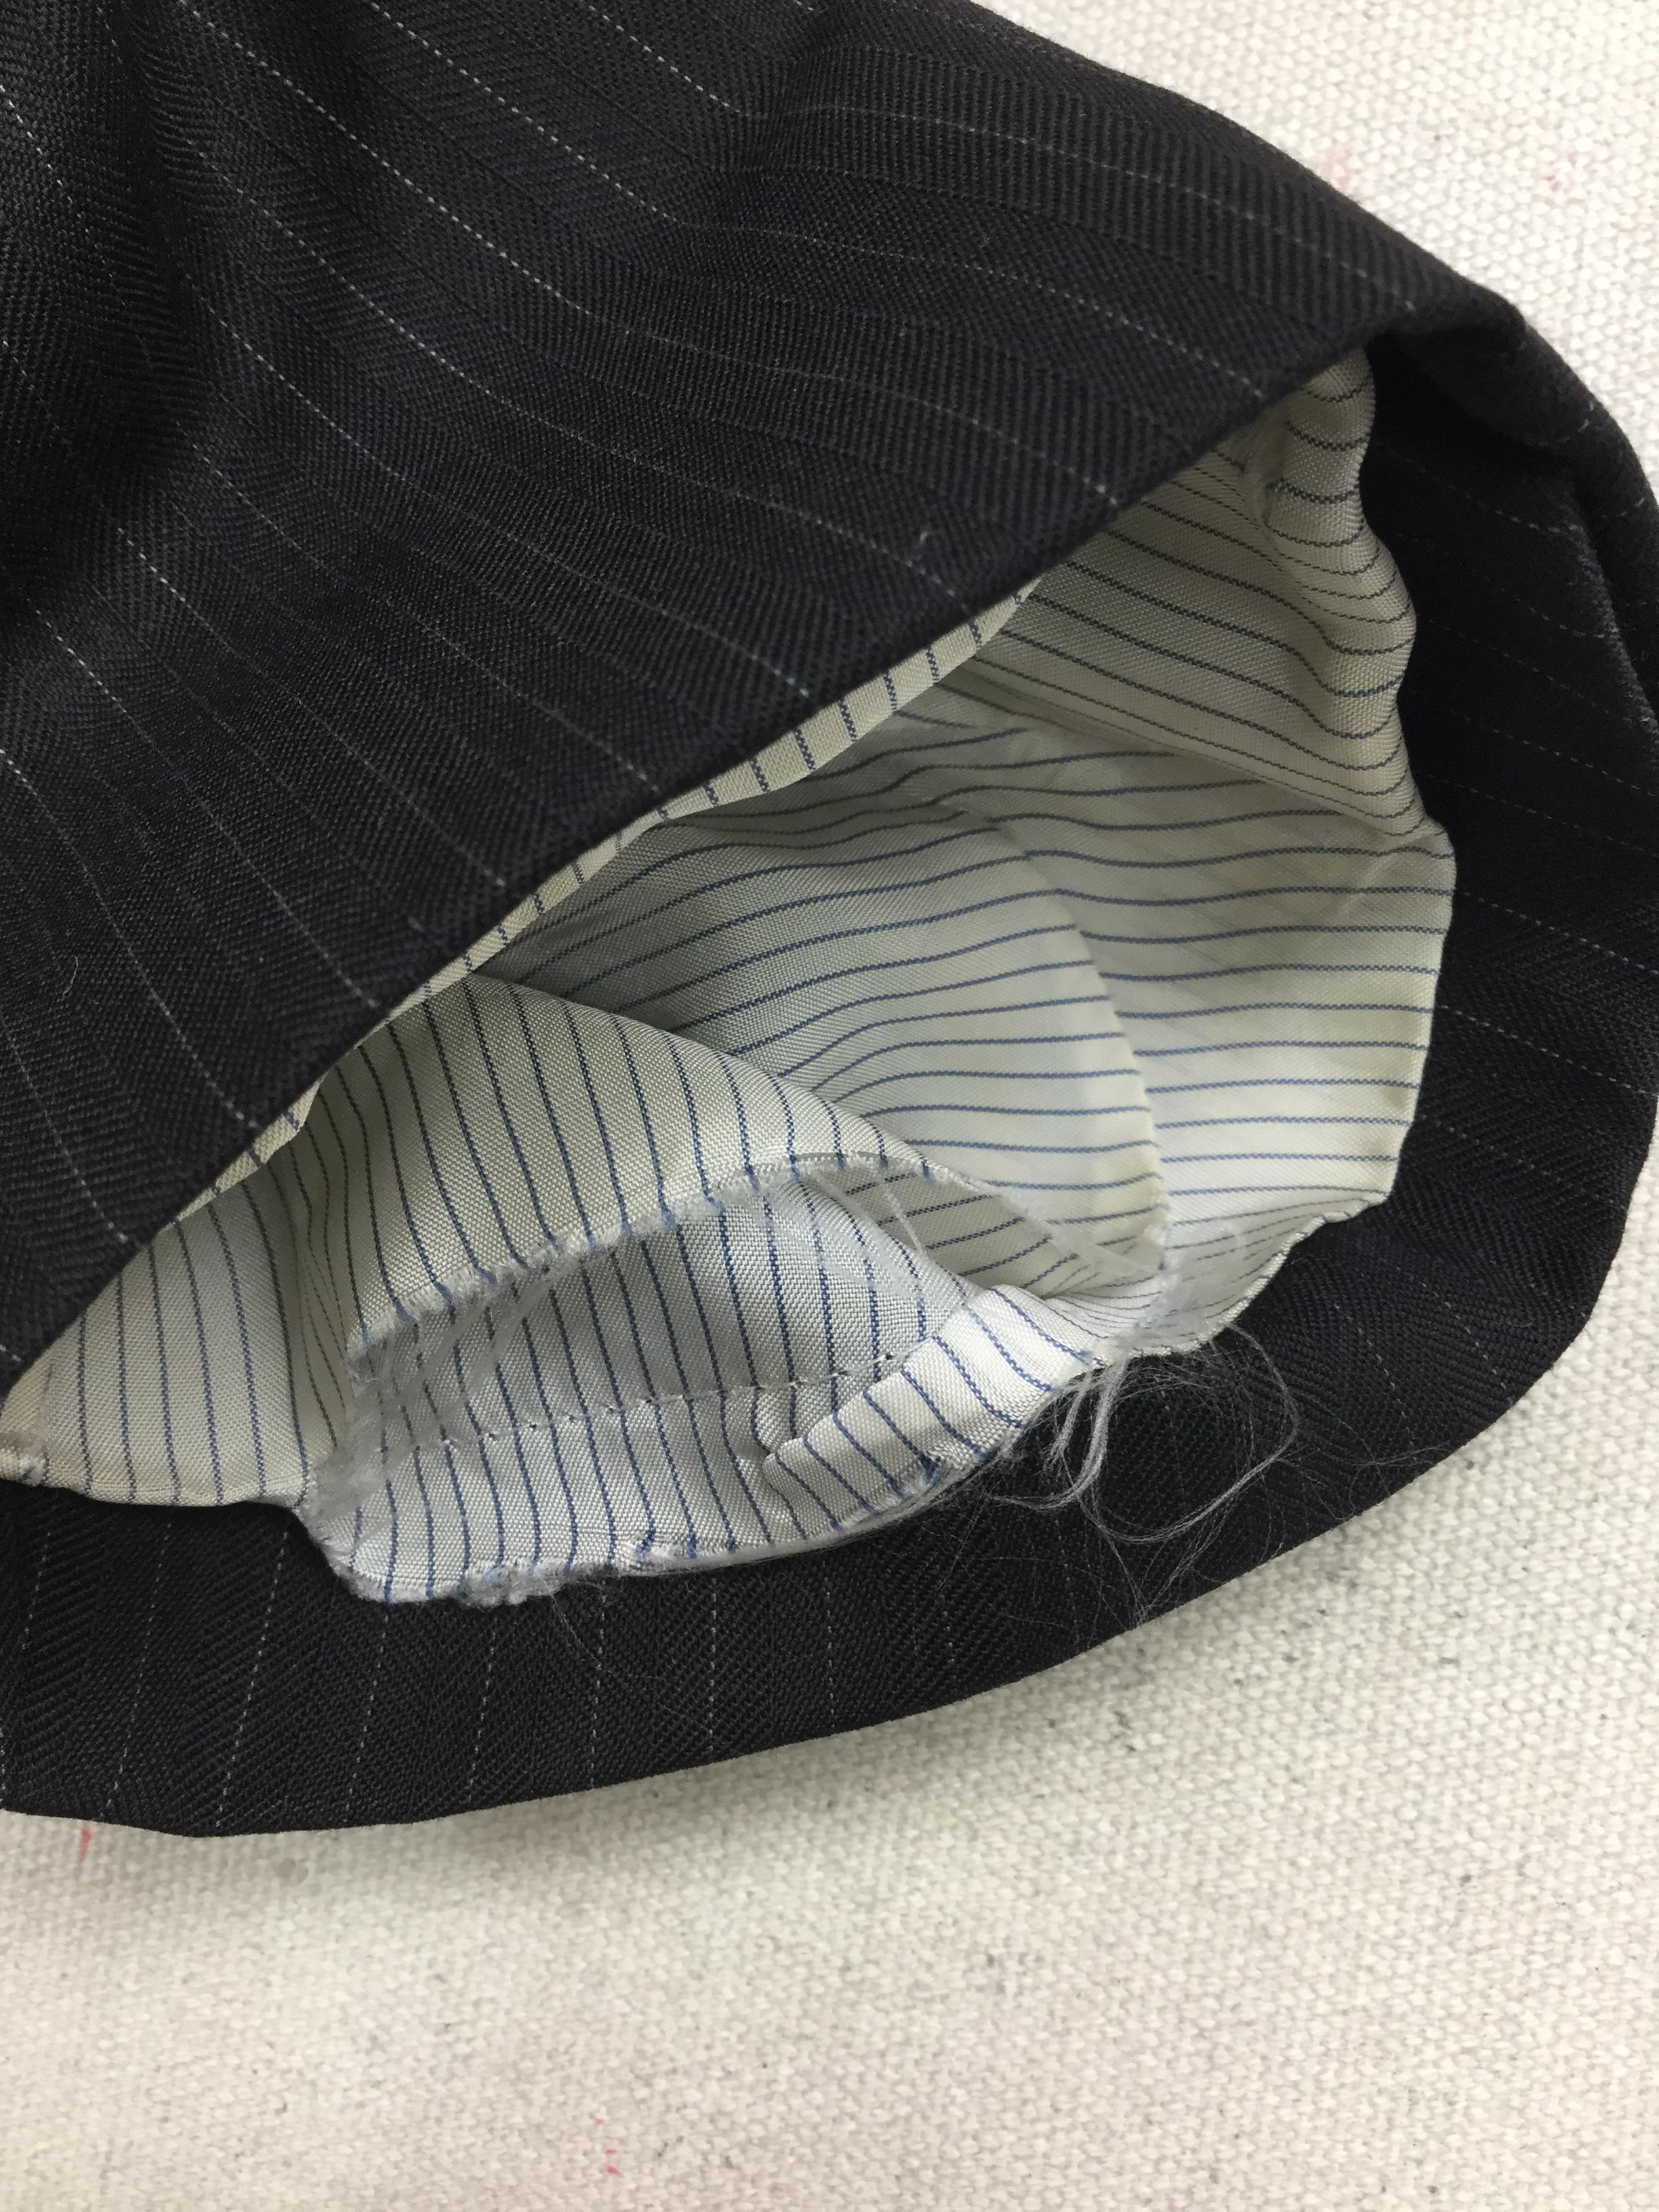 ジャケットの袖裏交換と袖口破れ 袖口のすり切れ修理